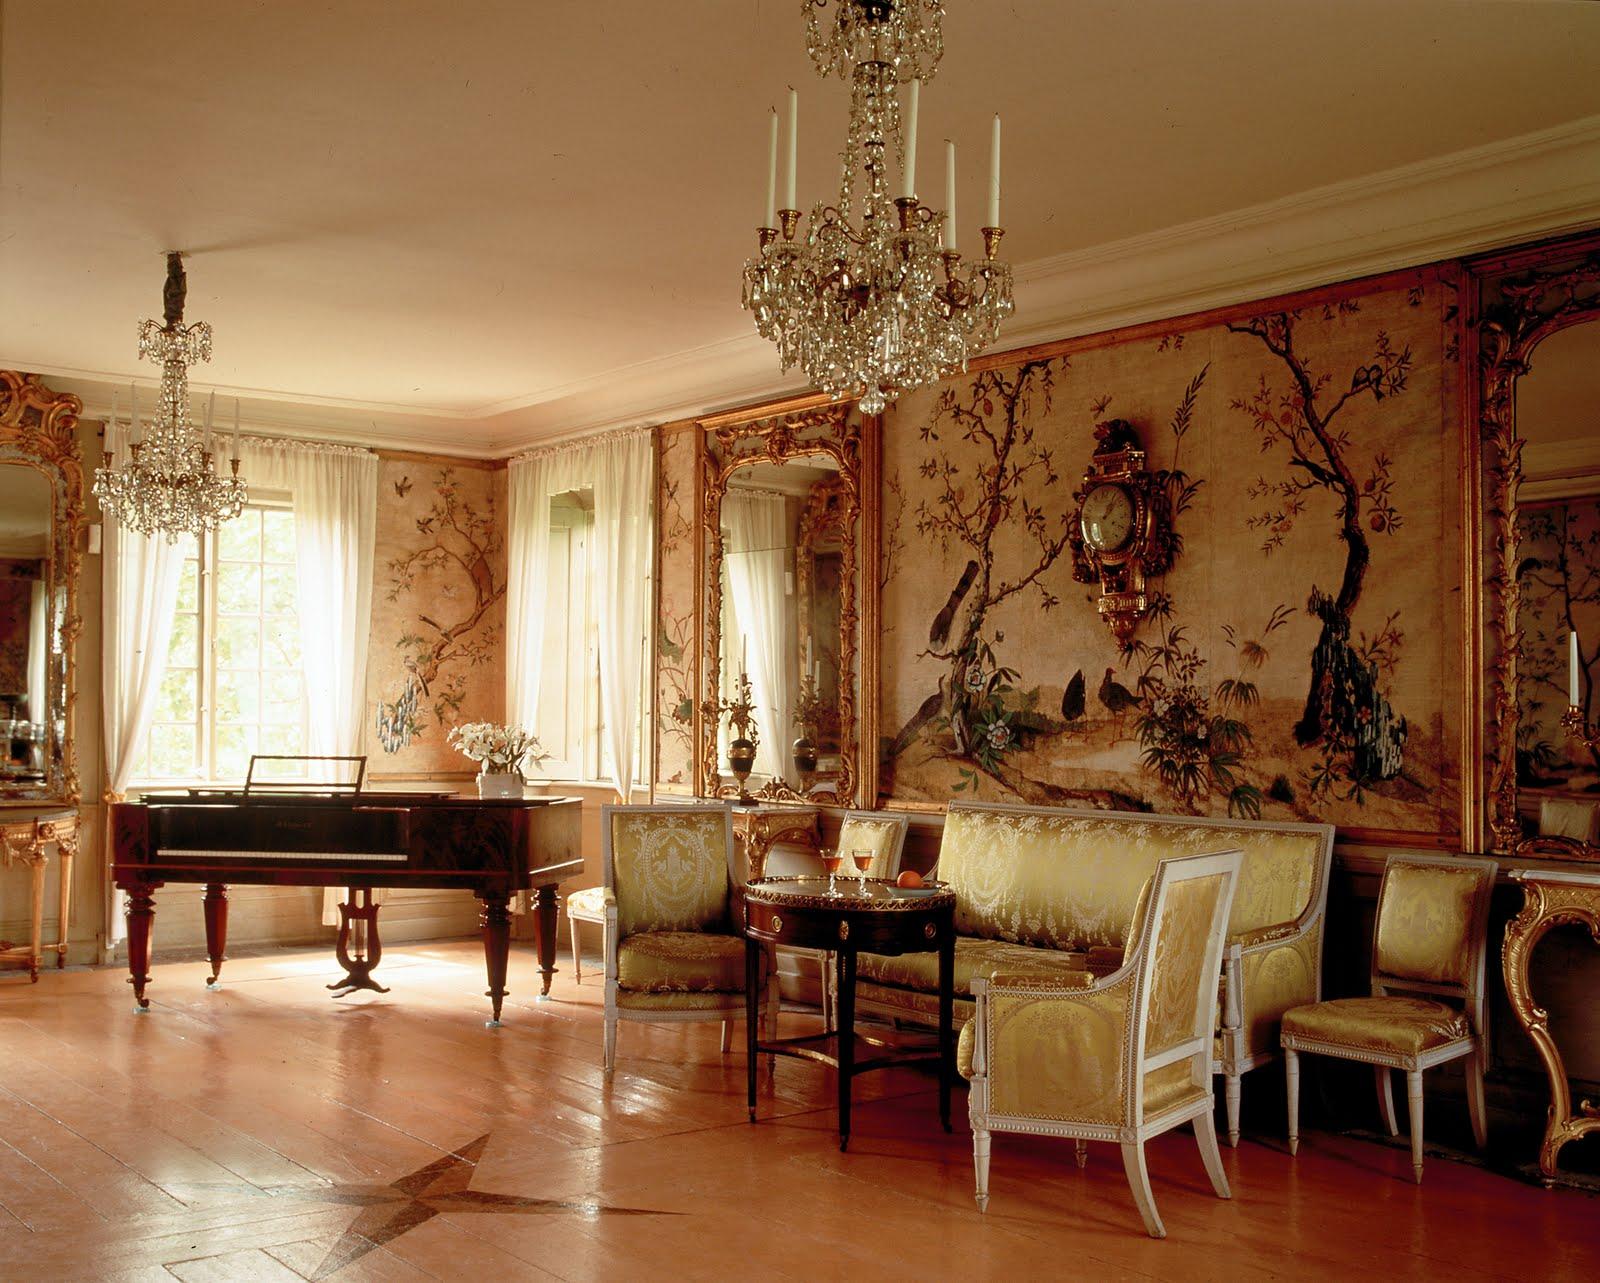 Стиль рококо в интерьере: фото и основные черты